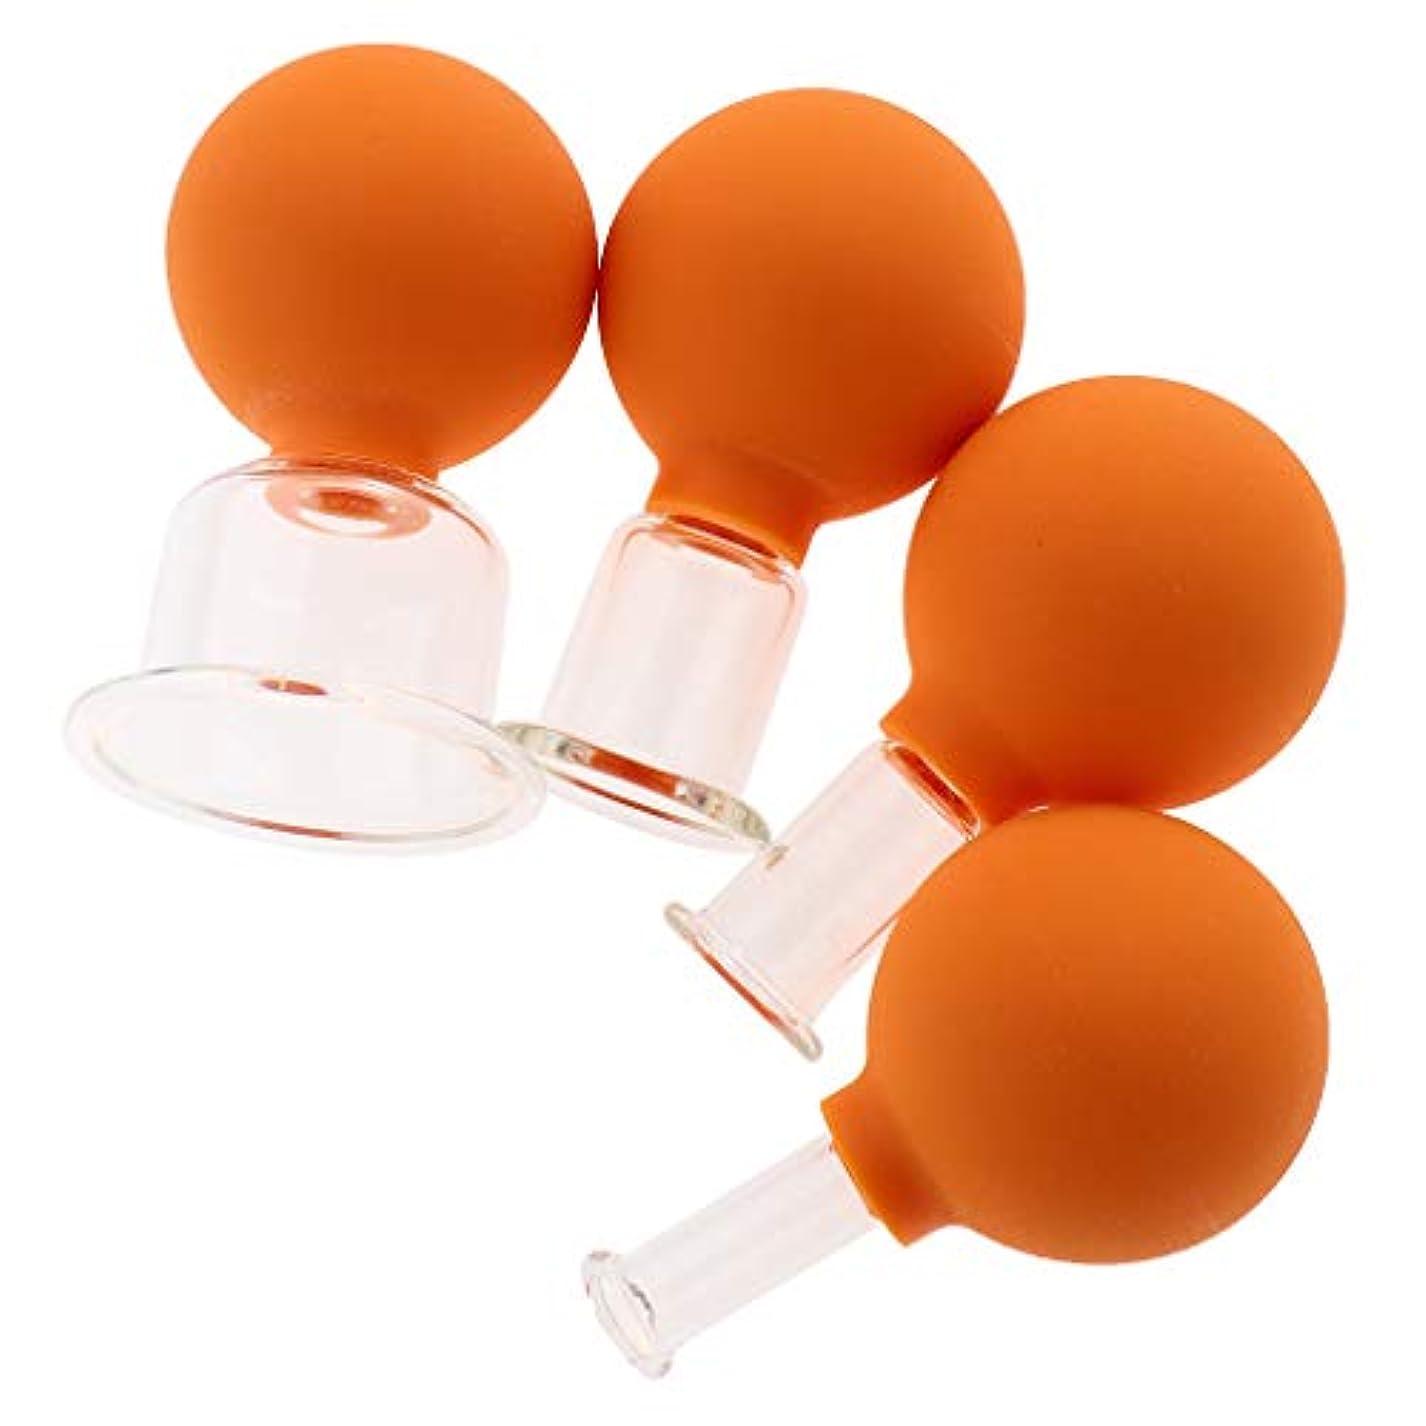 道路マッサージ飢えF Fityle マッサージ吸い玉 マッサージカップ ガラスカッピング ゴム 真空 男女兼用 4個 全3色 - オレンジ